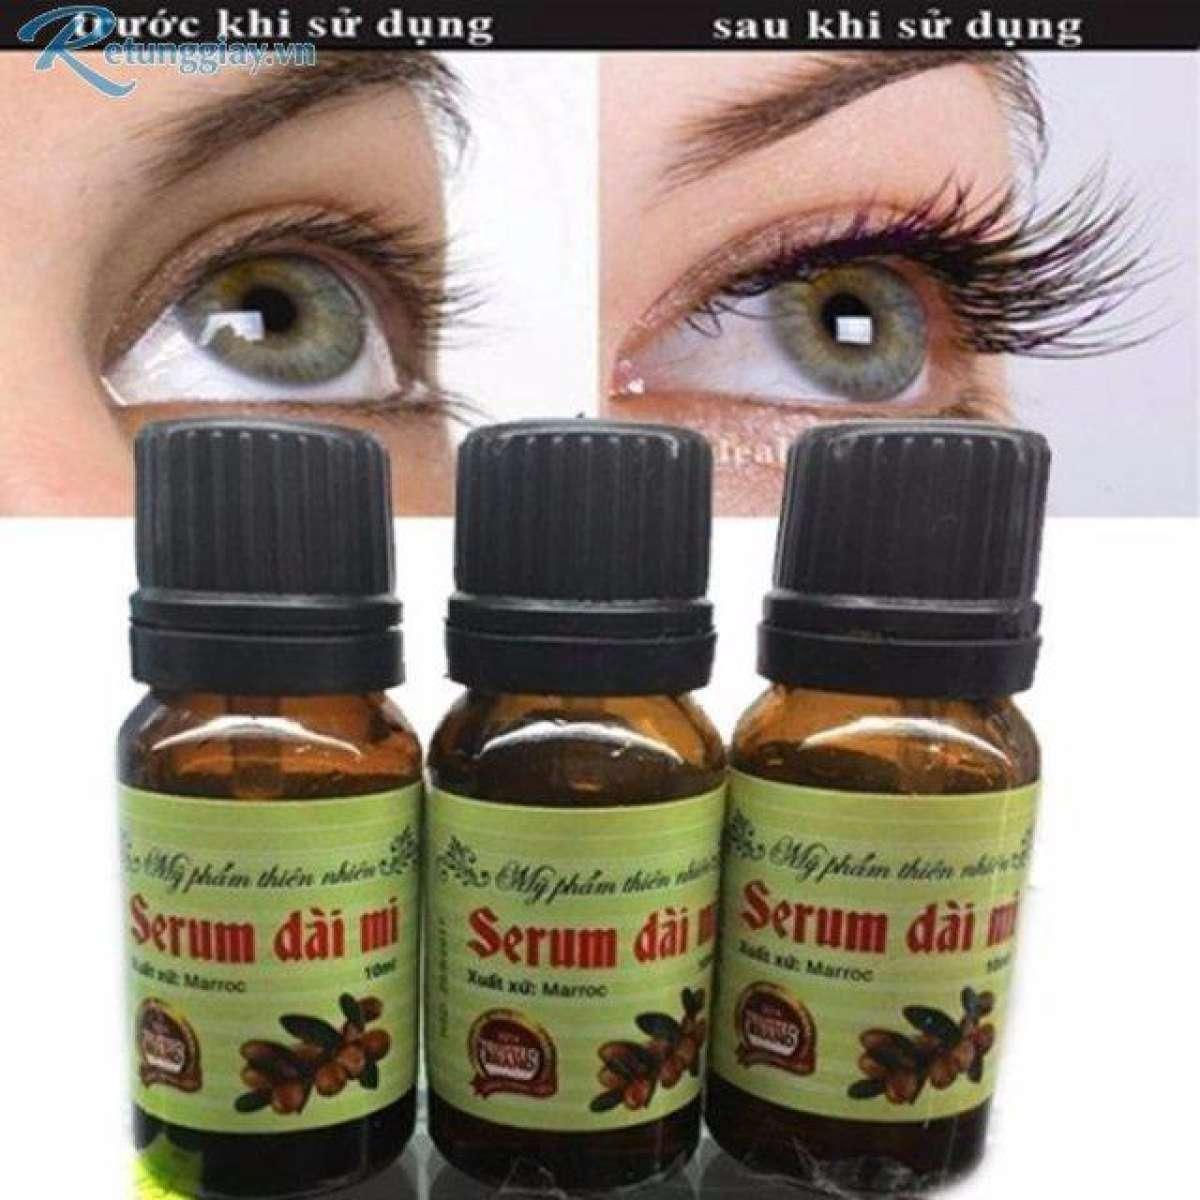 Serum dưỡng dài mi hiệu quả